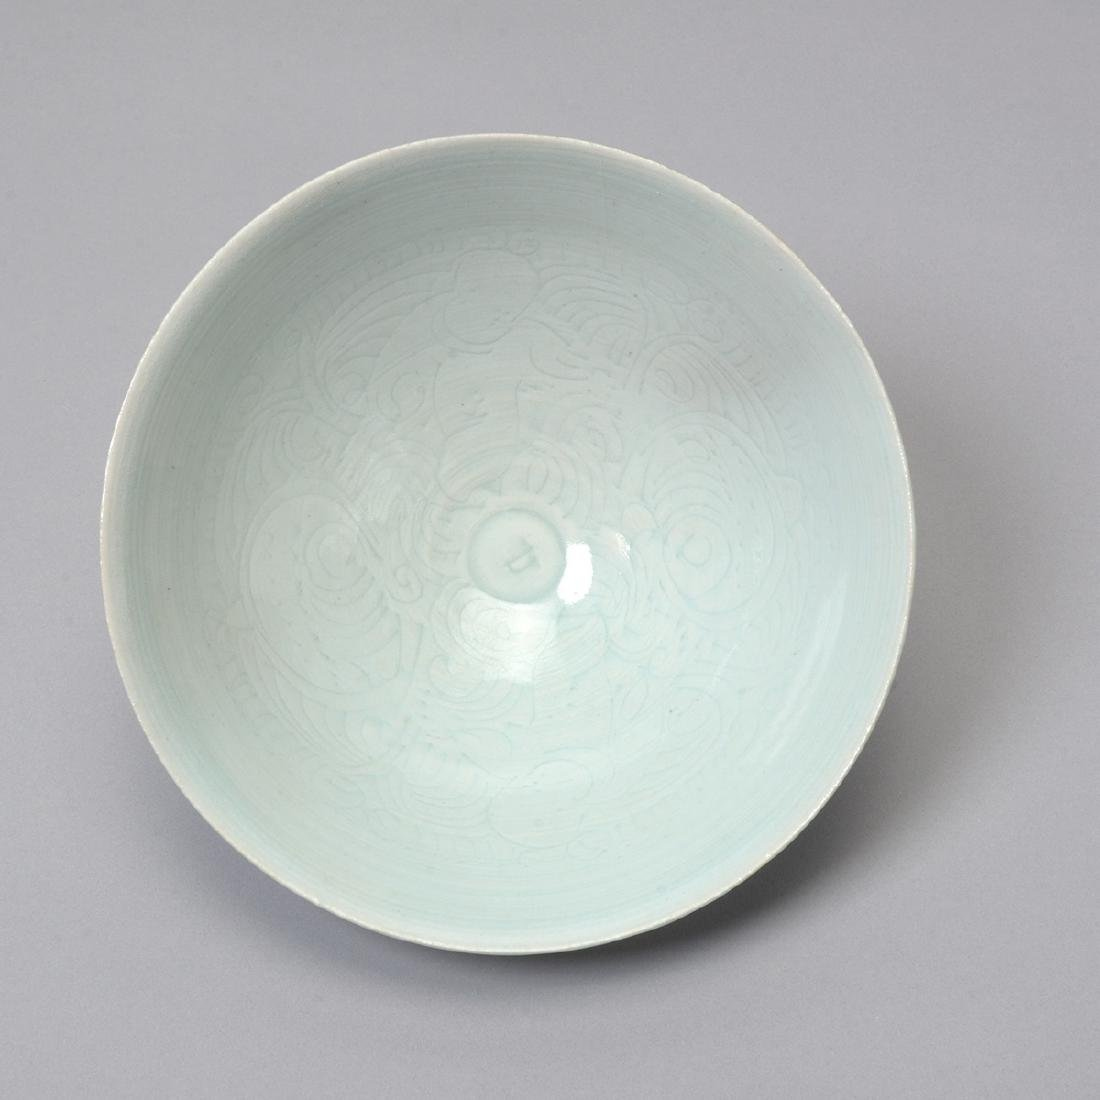 Three Glazed Ceramic Deep Bowls, Song Dynasty - 7